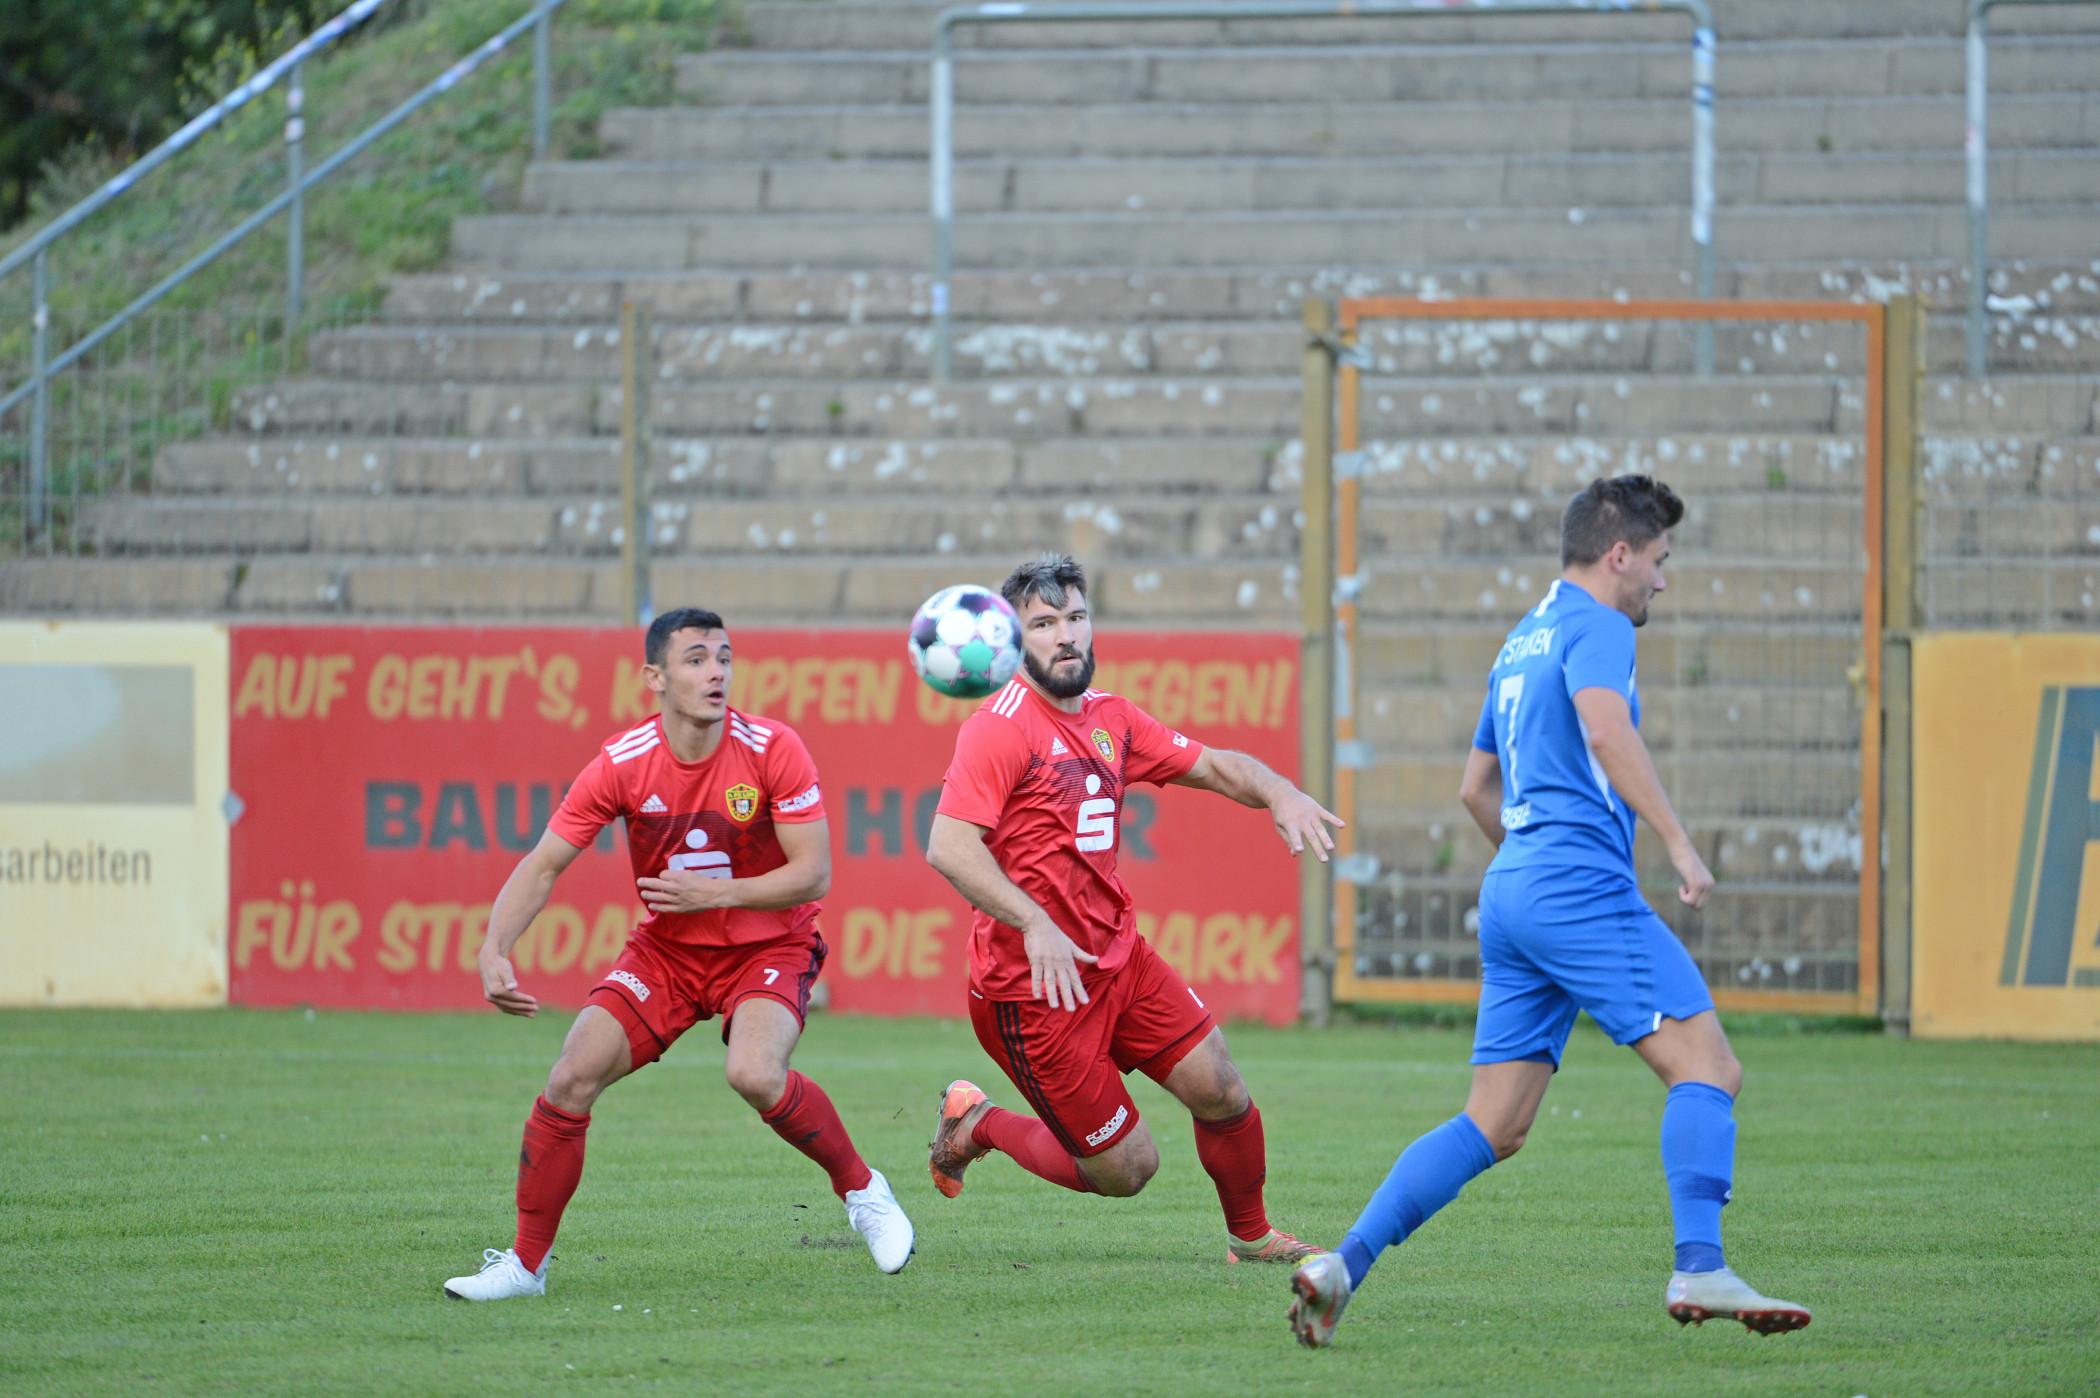 NOFV-Oberliga Nord ► 7. Spieltag - 1. FC Lok Stendal